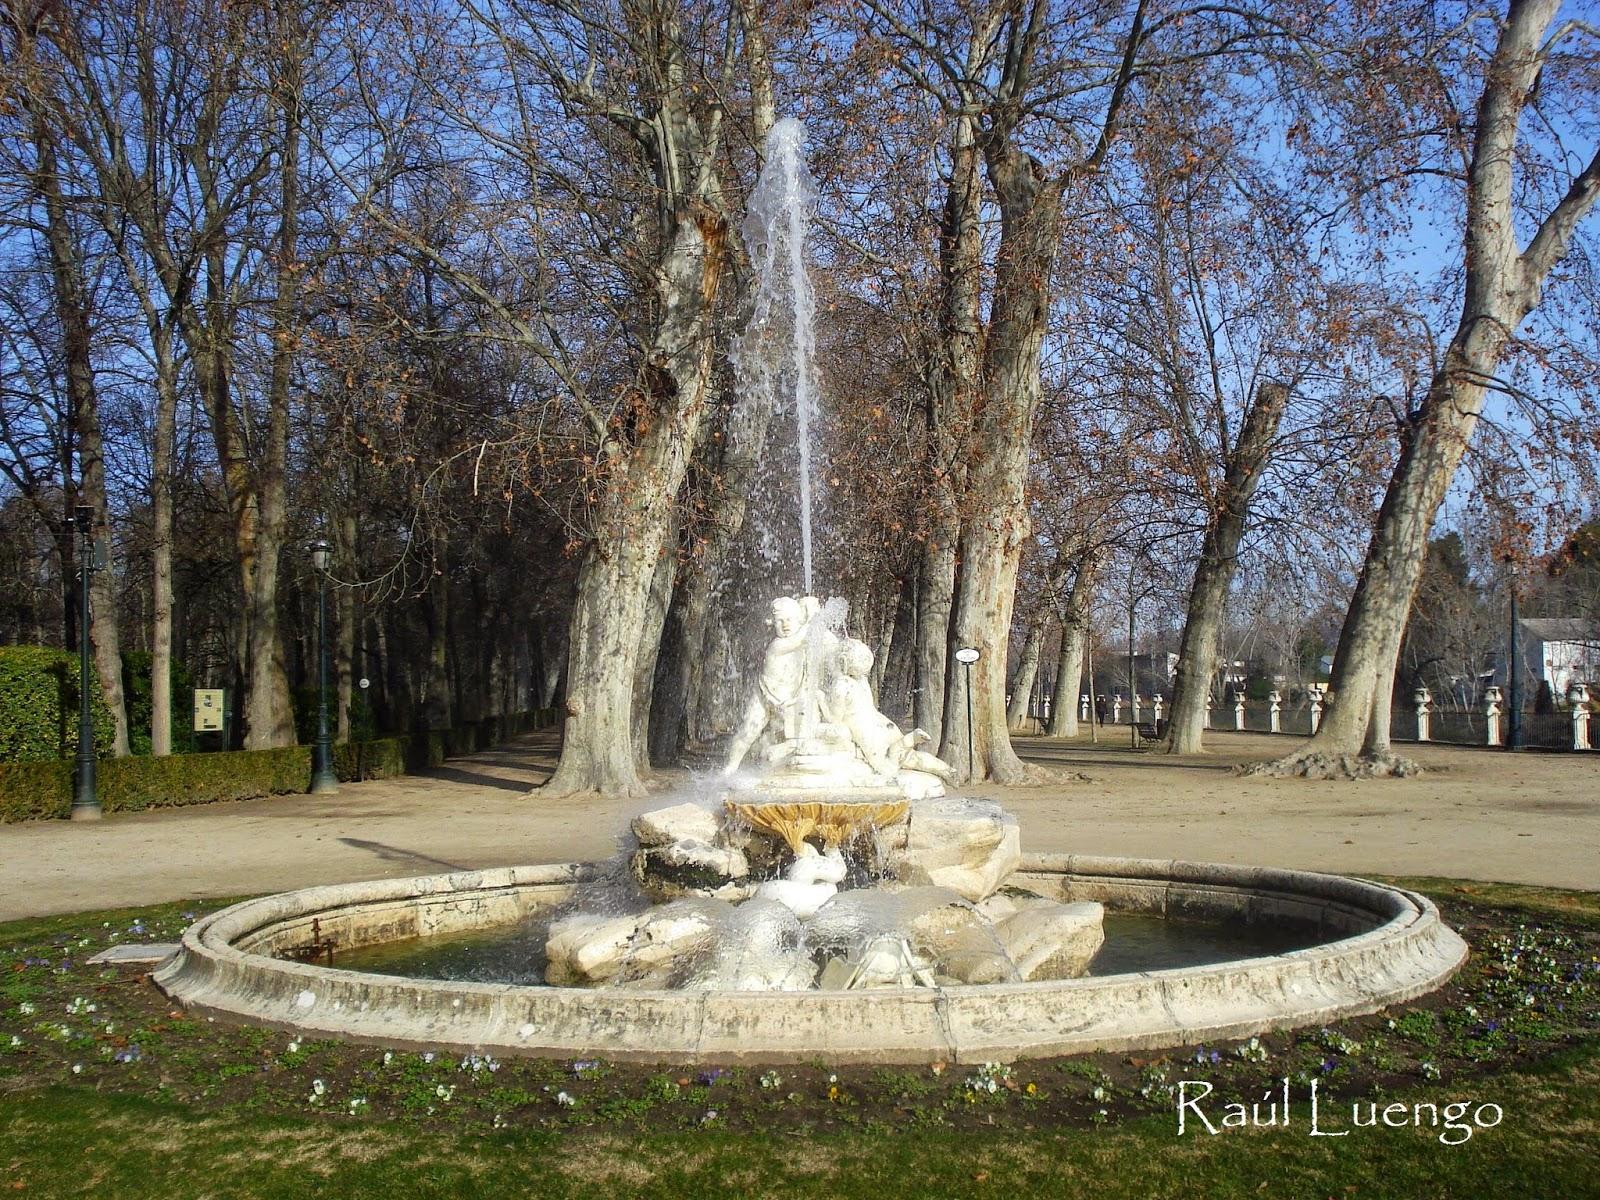 Andar y fotografiar fuentes del jard n de la isla en aranjuez for Jardin de la isla aranjuez